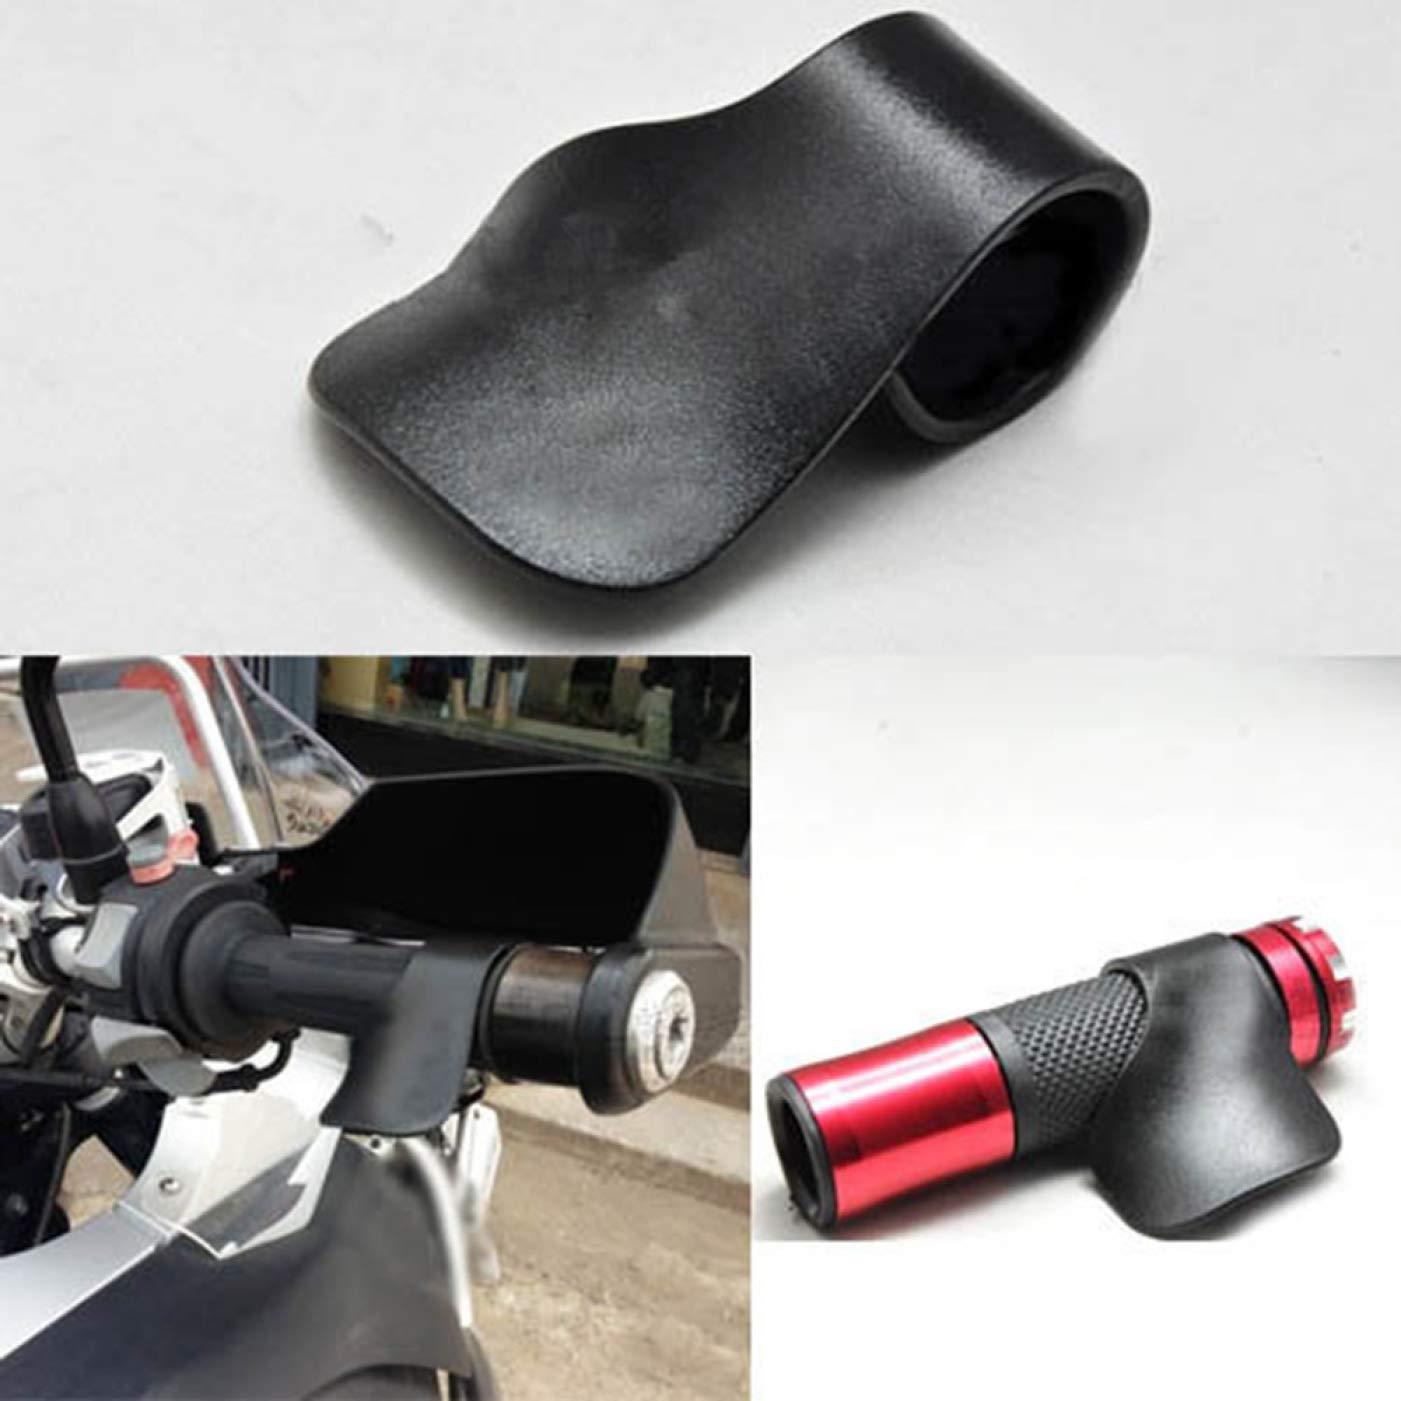 Dispositivo Auxiliar de Ahorro de Combustible para veh/ículo el/éctrico Abrazadera de Acelerador para Motocicleta yuehuxin de Larga Distancia bater/ía para Coche